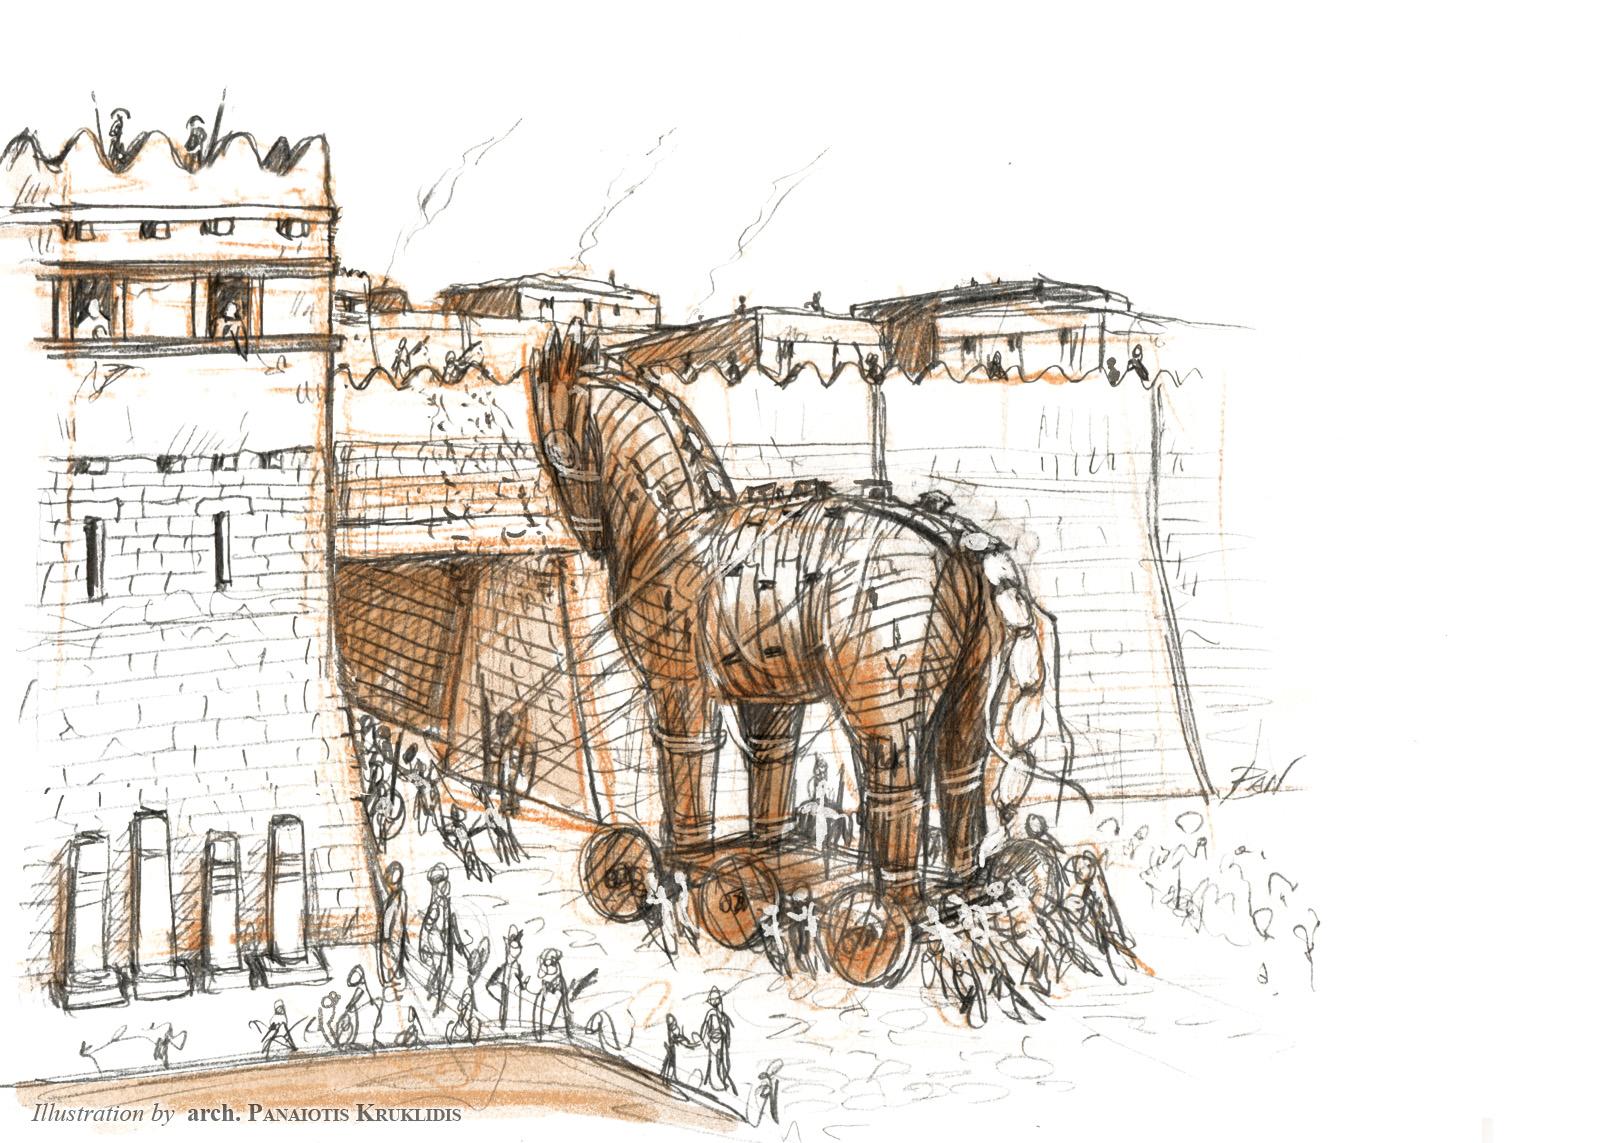 Scena ingresso del Cavallo a Troia (schizzo)